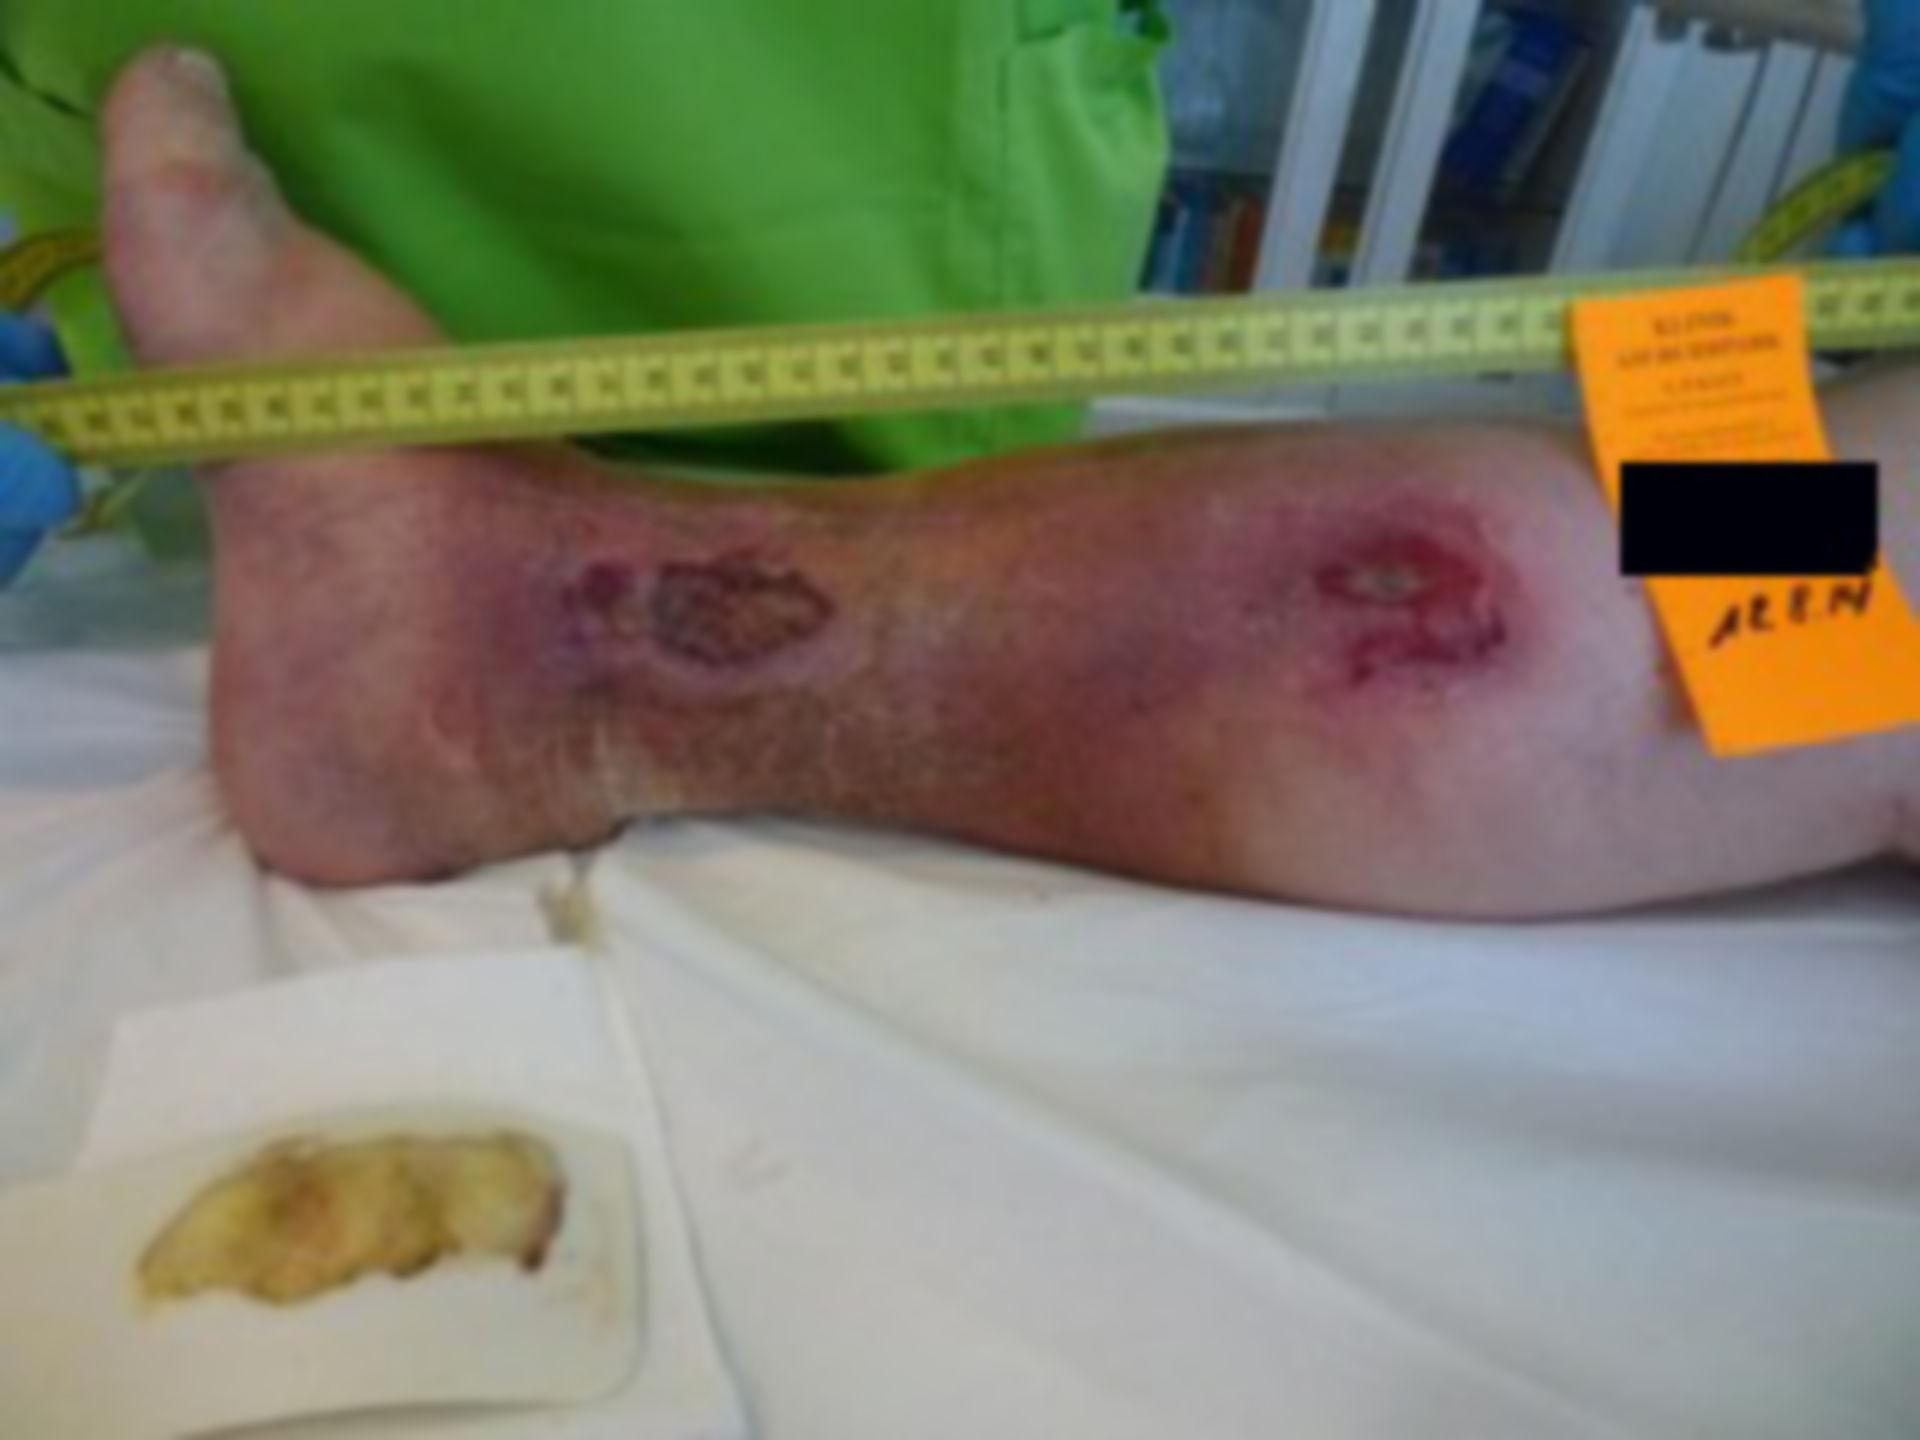 Úlcera de la pierna - abierta por 18 meses (2)